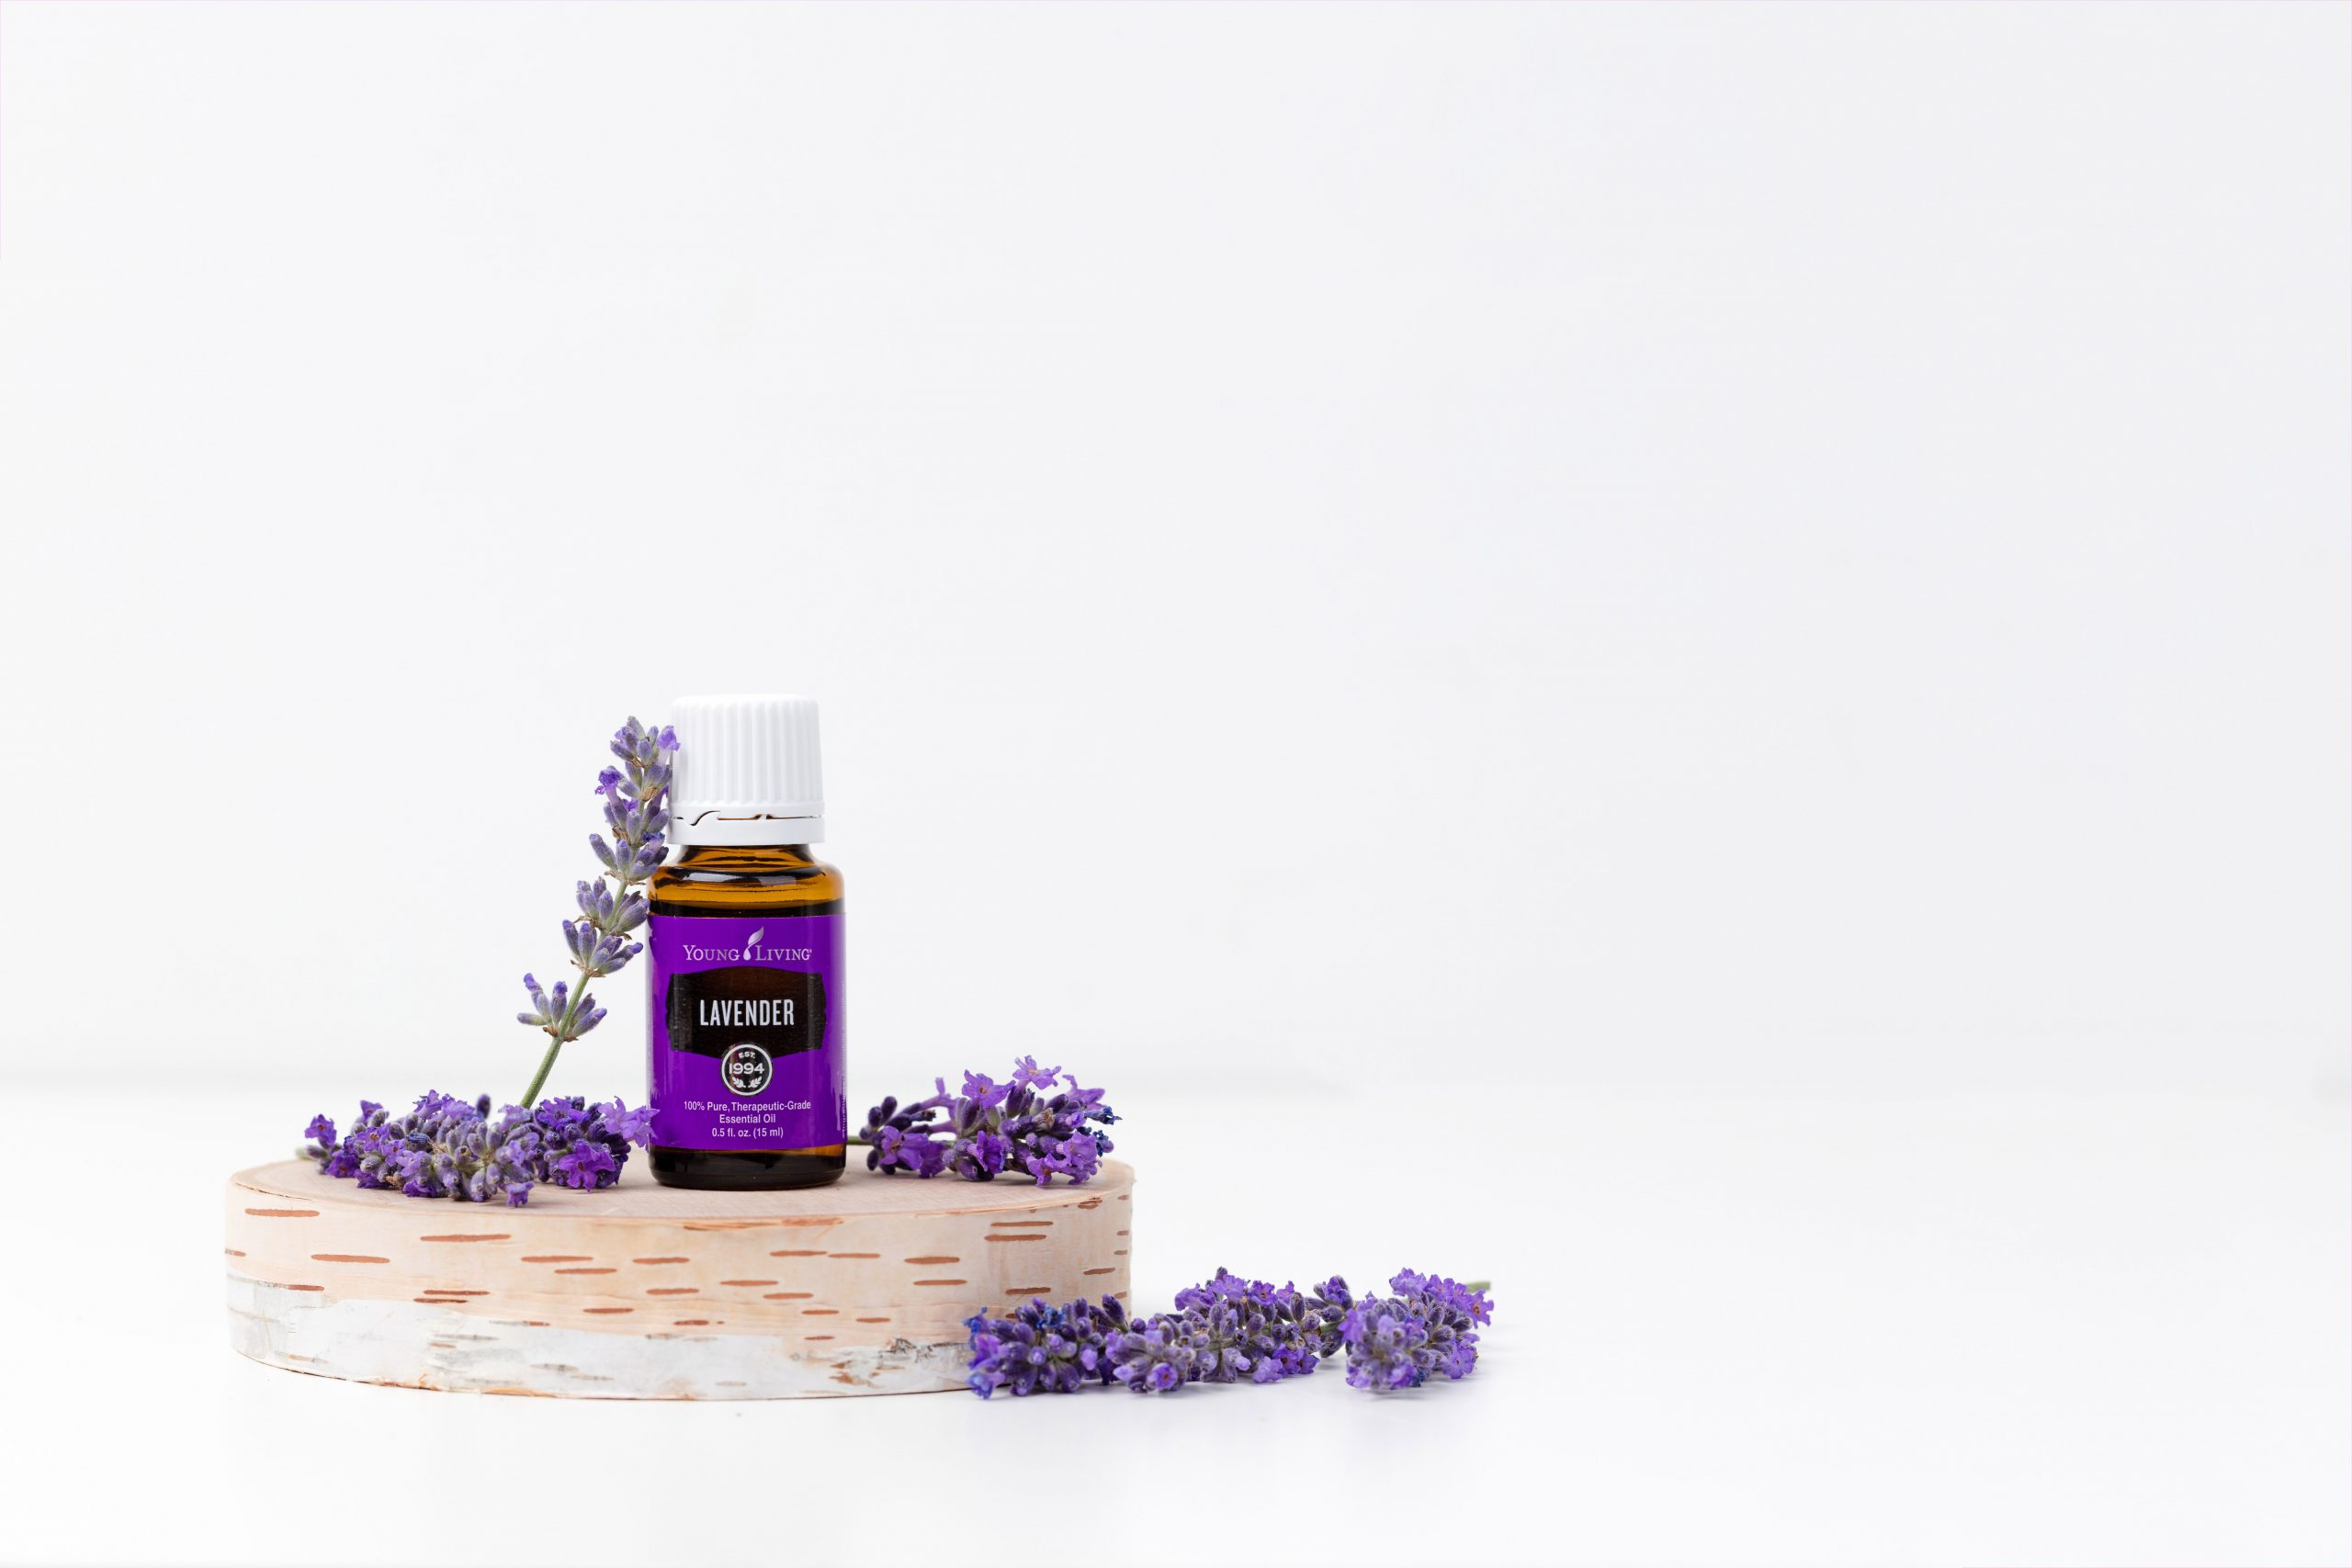 Desfrute dos óleos essenciais como perfume funcional